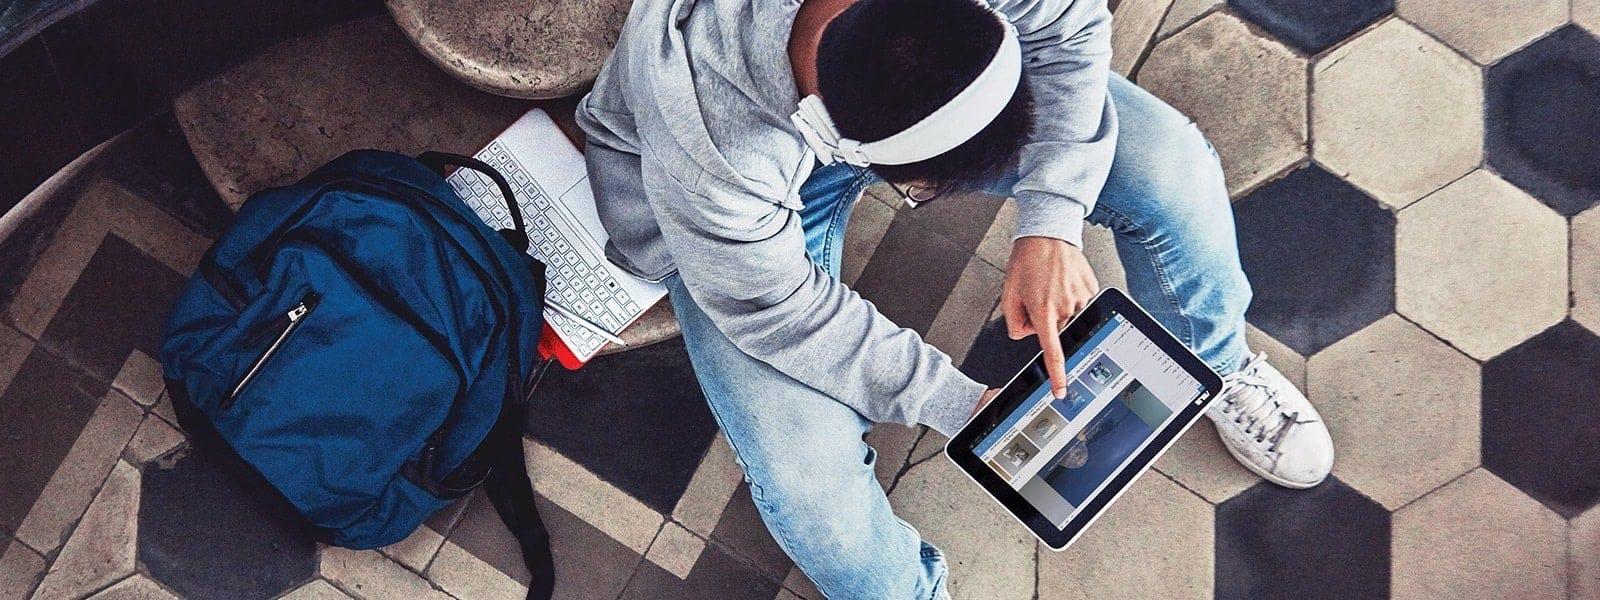 Učenik gleda uređaj sa sustavom Windows 10